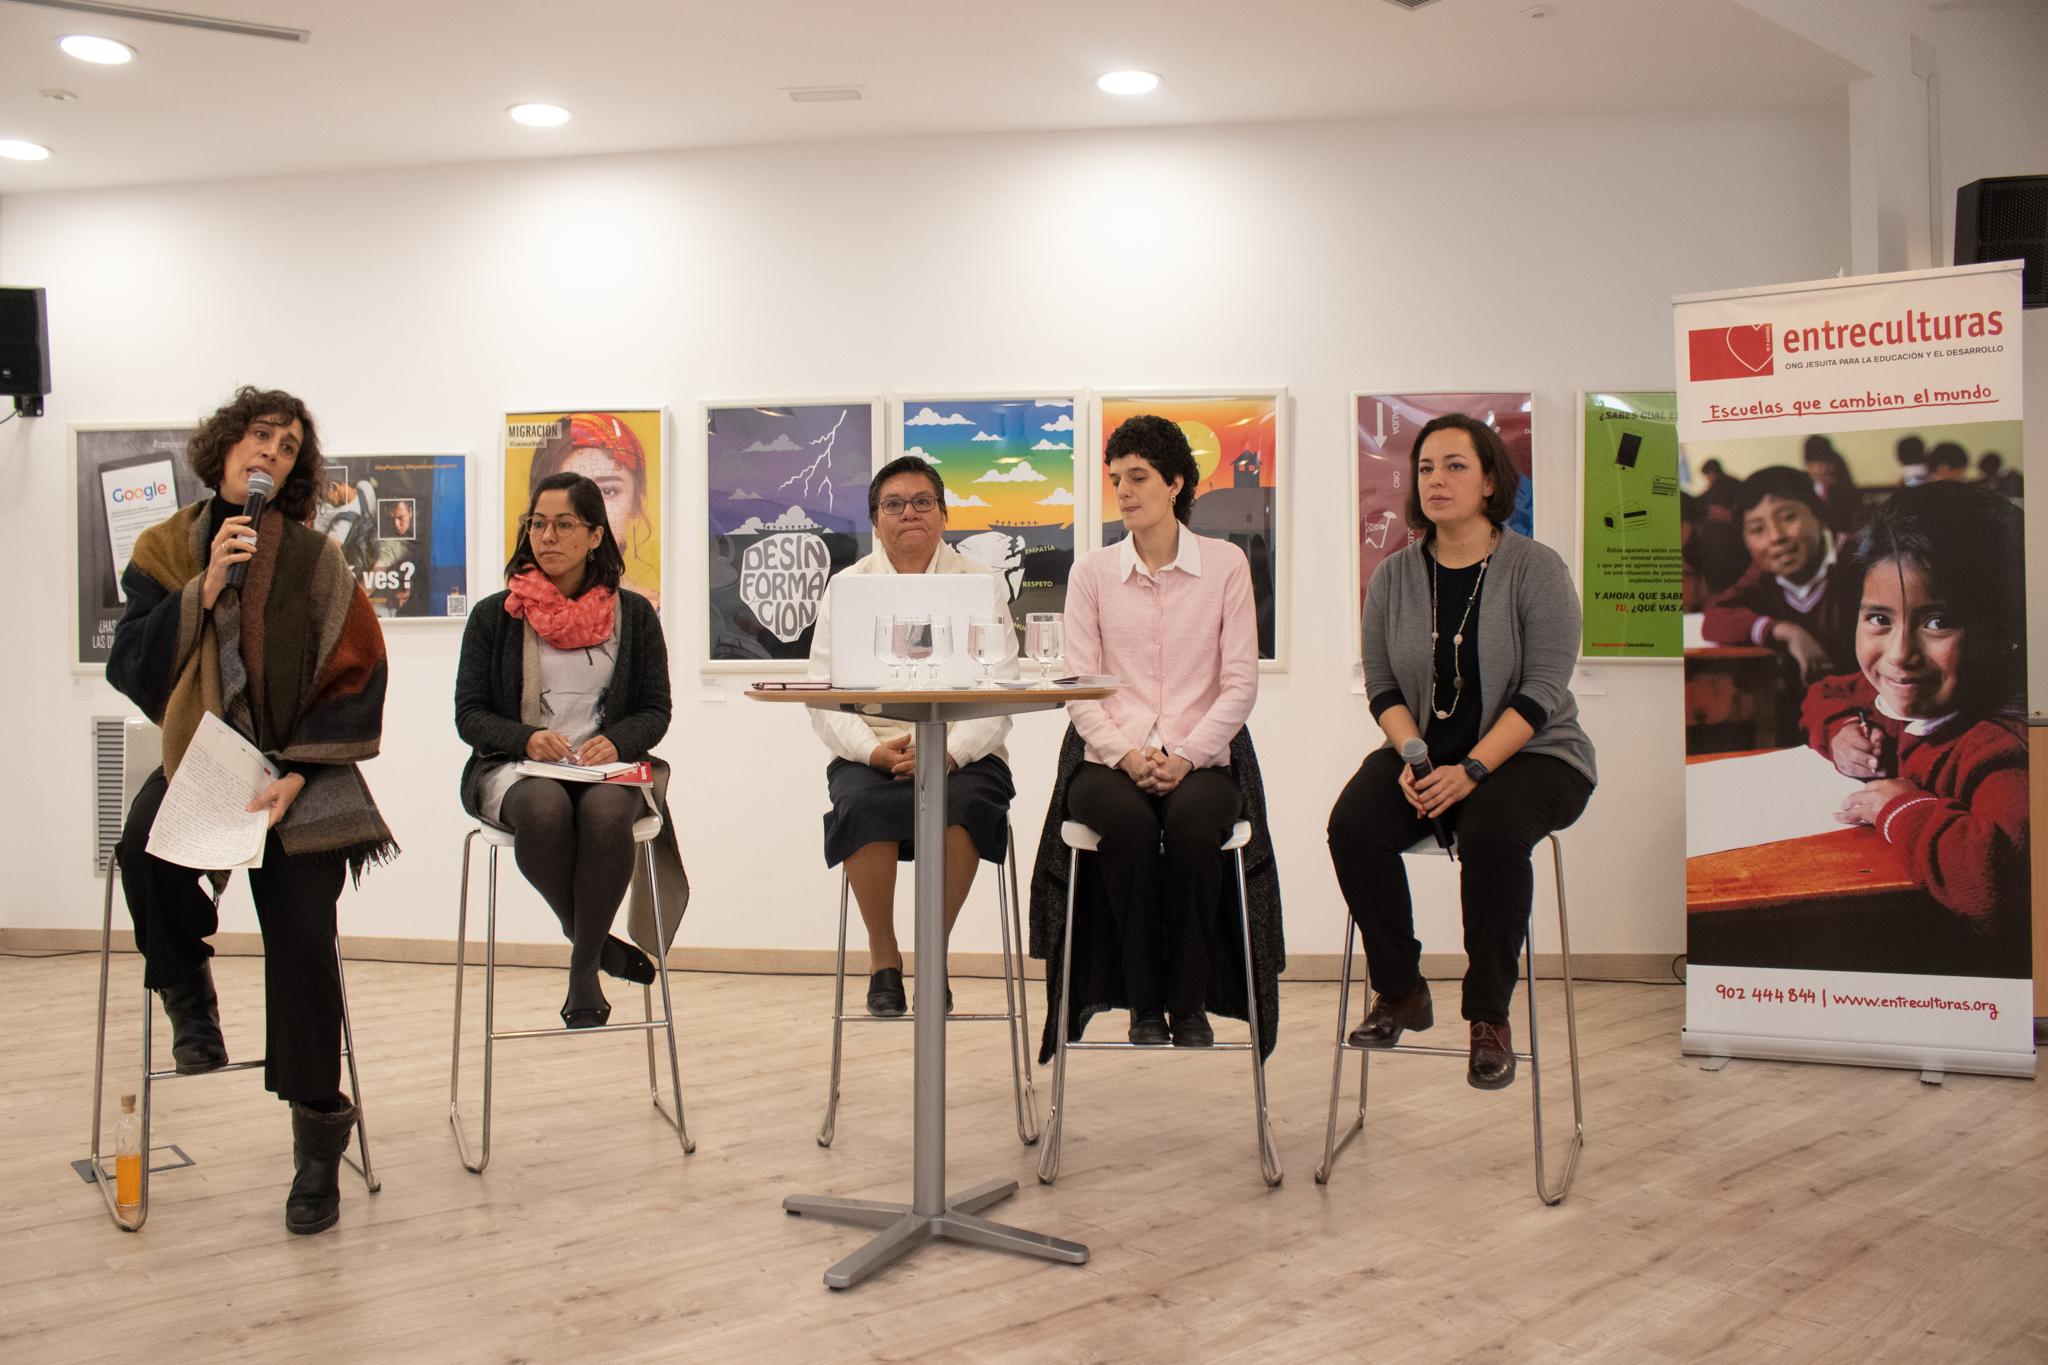 De izquierda a derecha: Irene Ortega, Elisabeth Figueroa, Magdalena Silva, María Vieyra, y Juanita Bagés